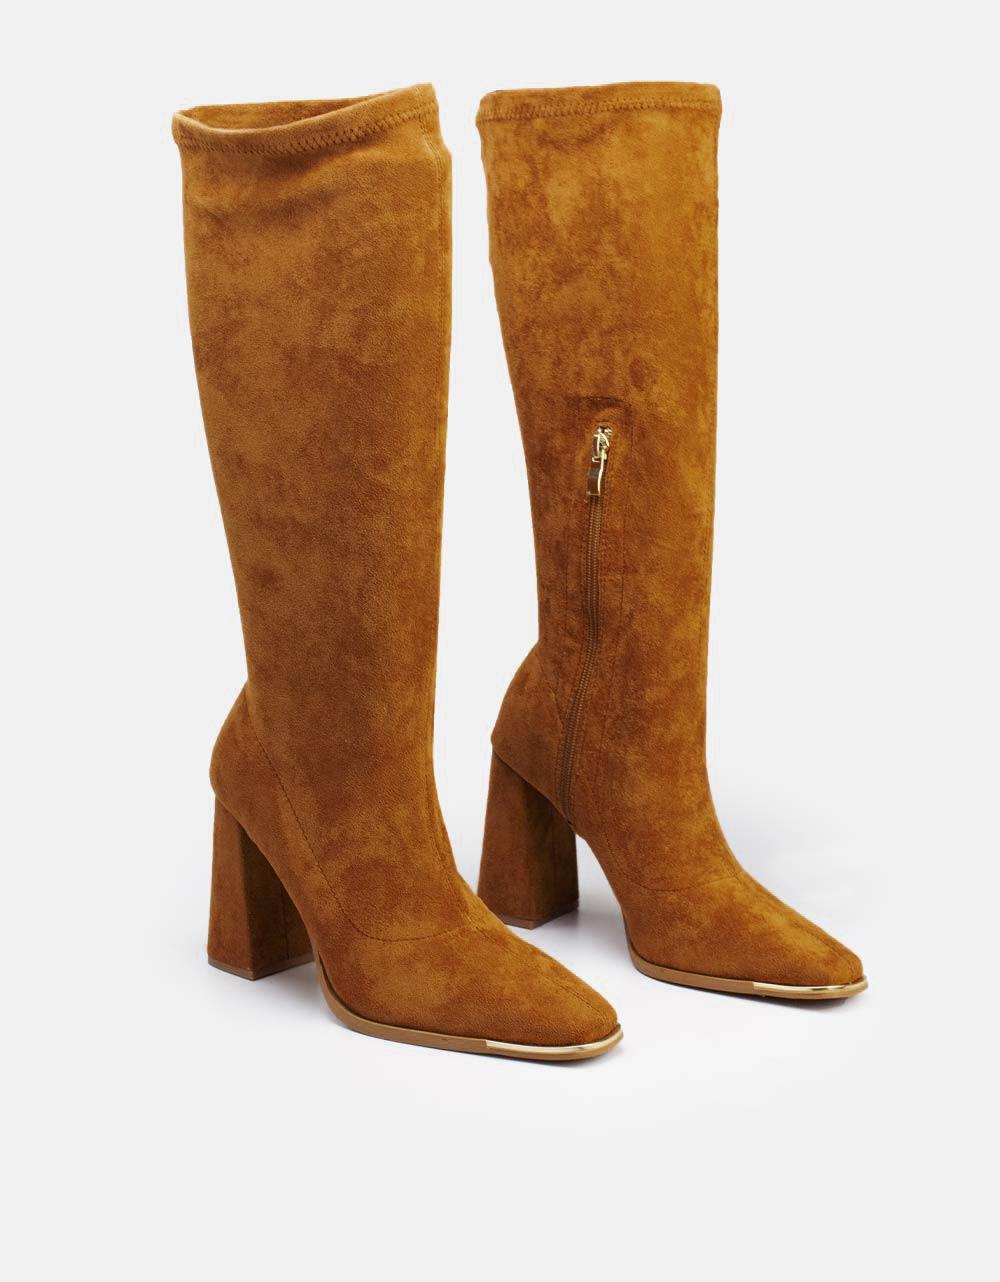 Εικόνα από Γυναικείες μπότες μονόχρωμες Ταμπά